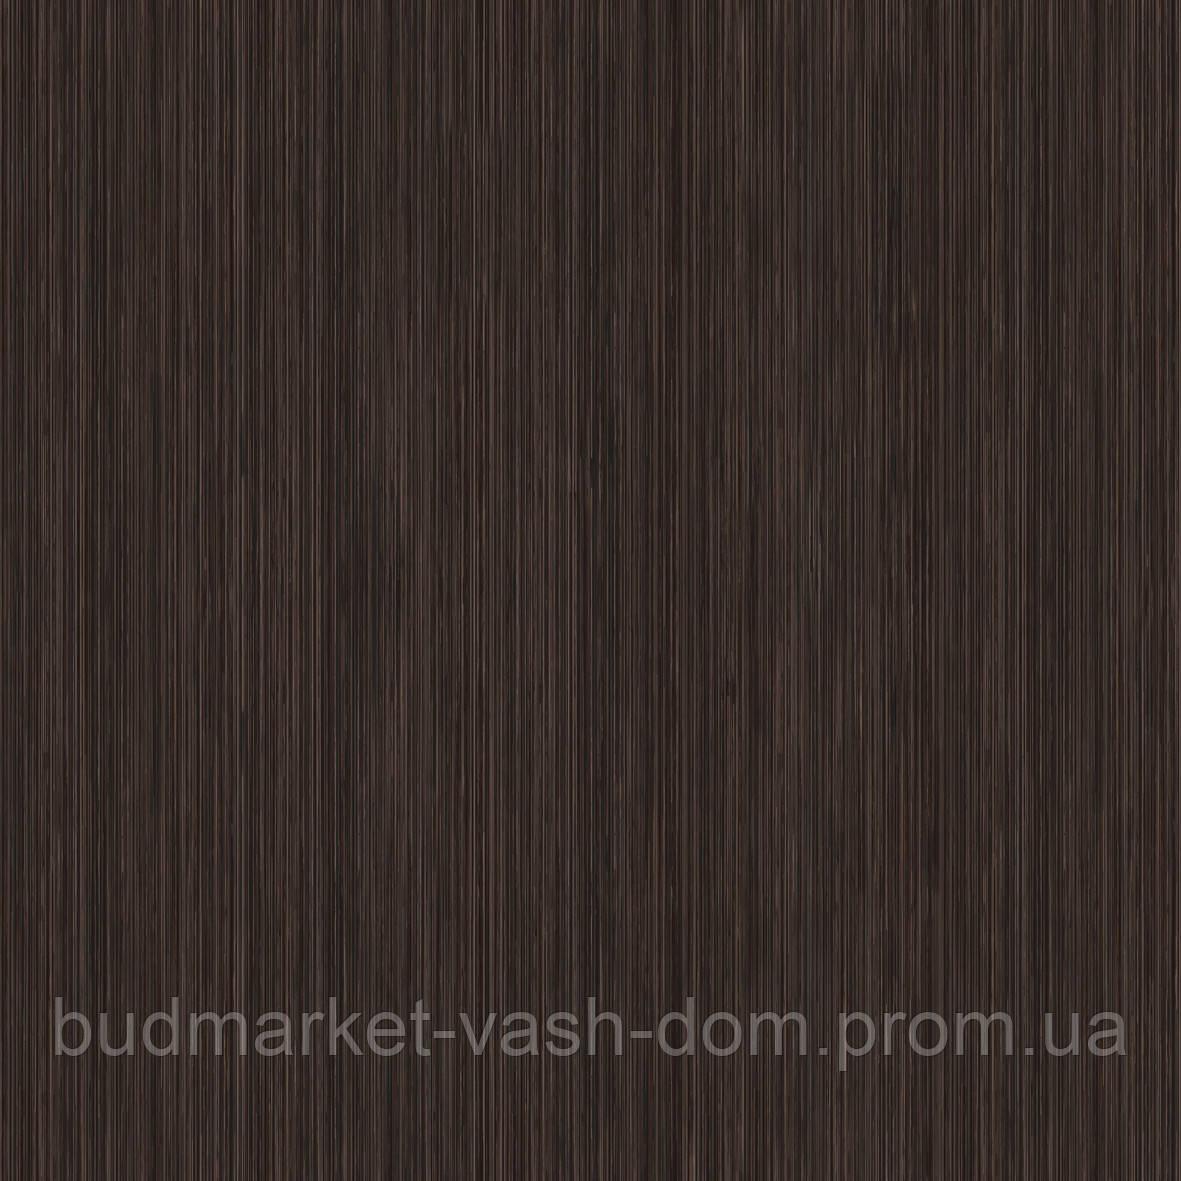 """Плитка для пола ТМ """"GoldenTile"""" Вельвет коричневая - 300*300 - фото 1"""